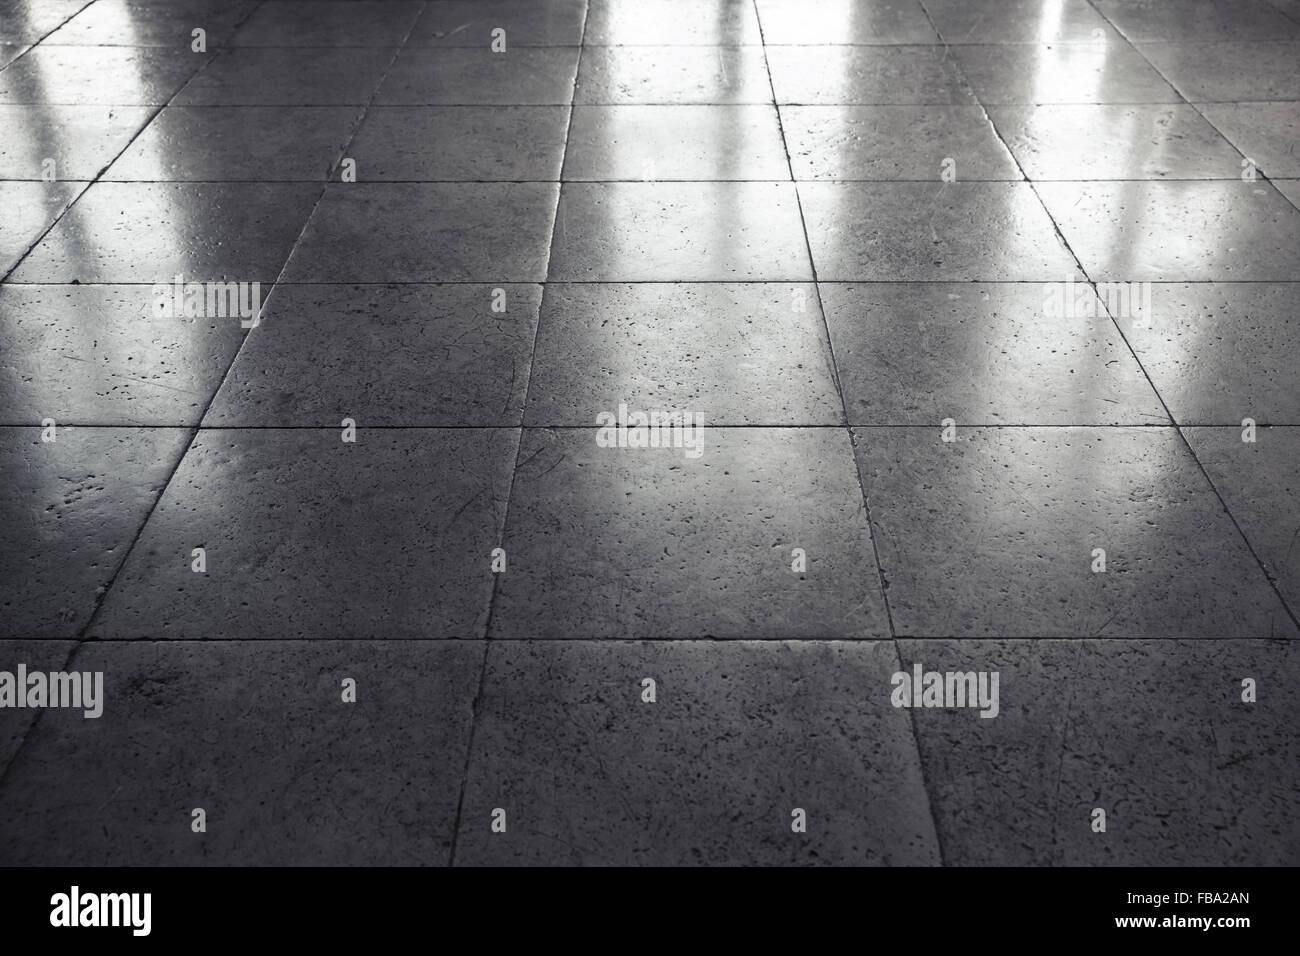 Glänzend Grauen Steinboden Fliesen Hintergrundtextur Mit - Graue glänzende fliesen